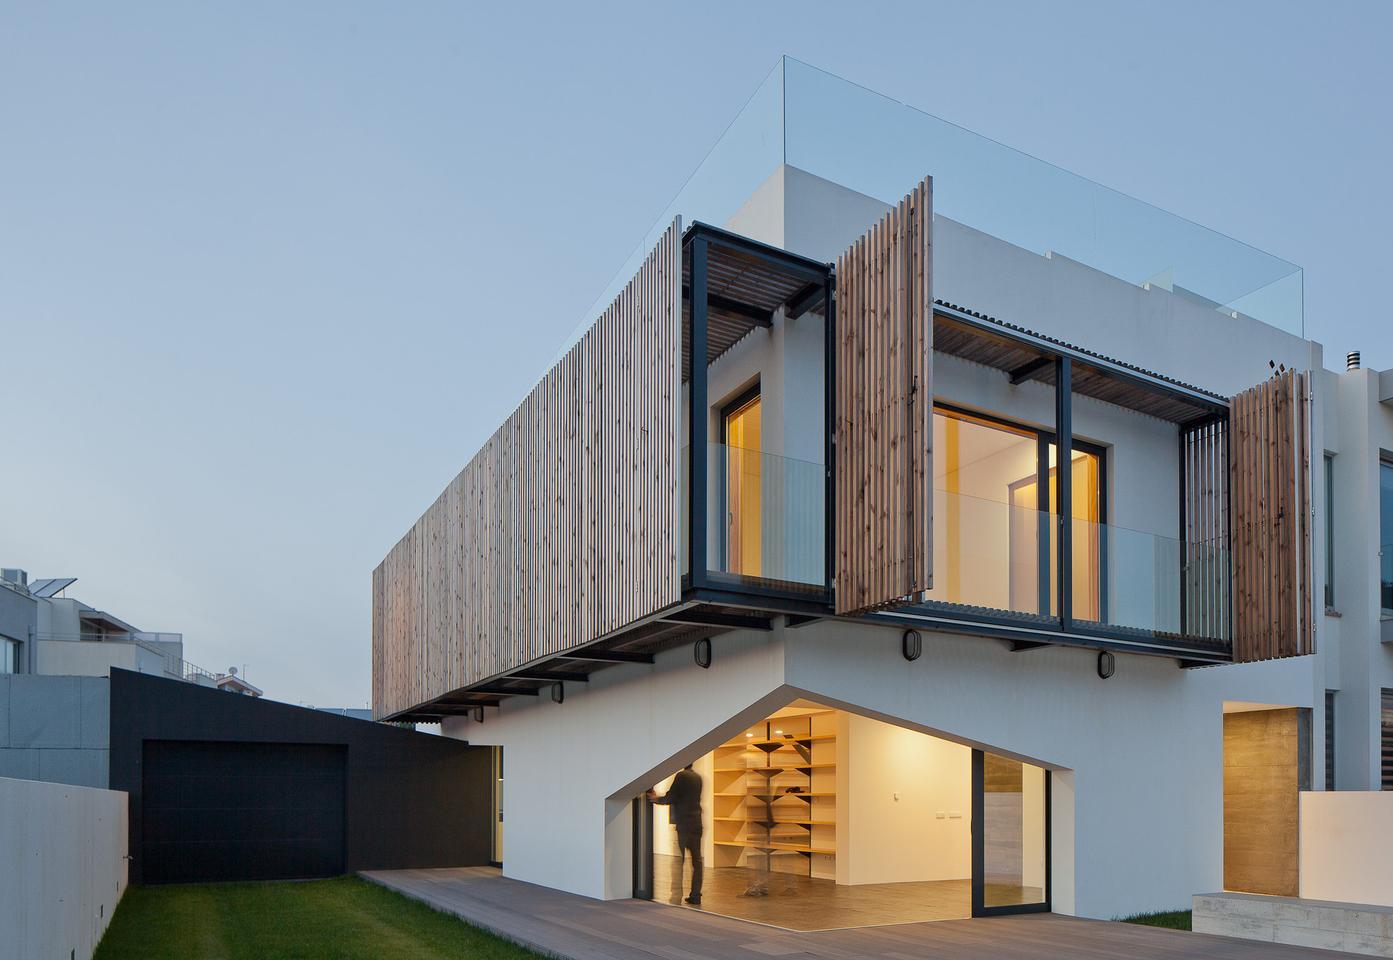 The Miramar House, by E348 Arquitectura (Photo: José Campos)